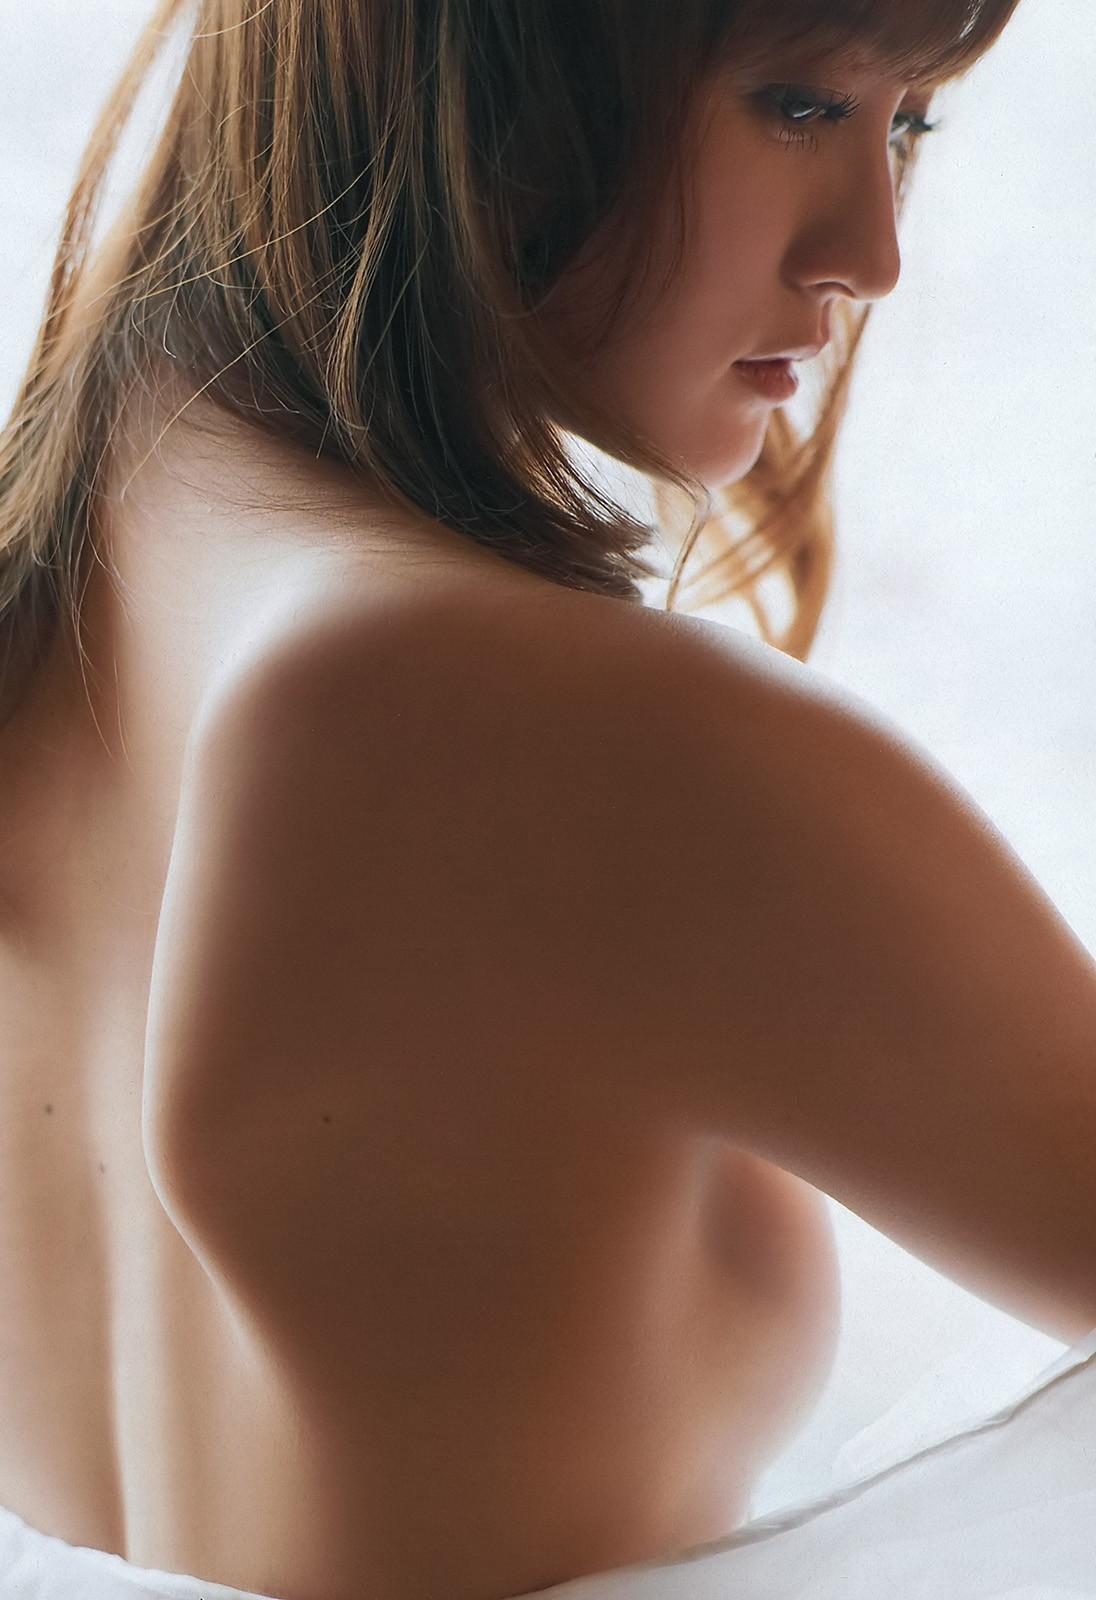 【後ろ姿エロ画像】今すぐ回れ右!背中越しに見えるのが気になり過ぎる乳の膨らみwww 15